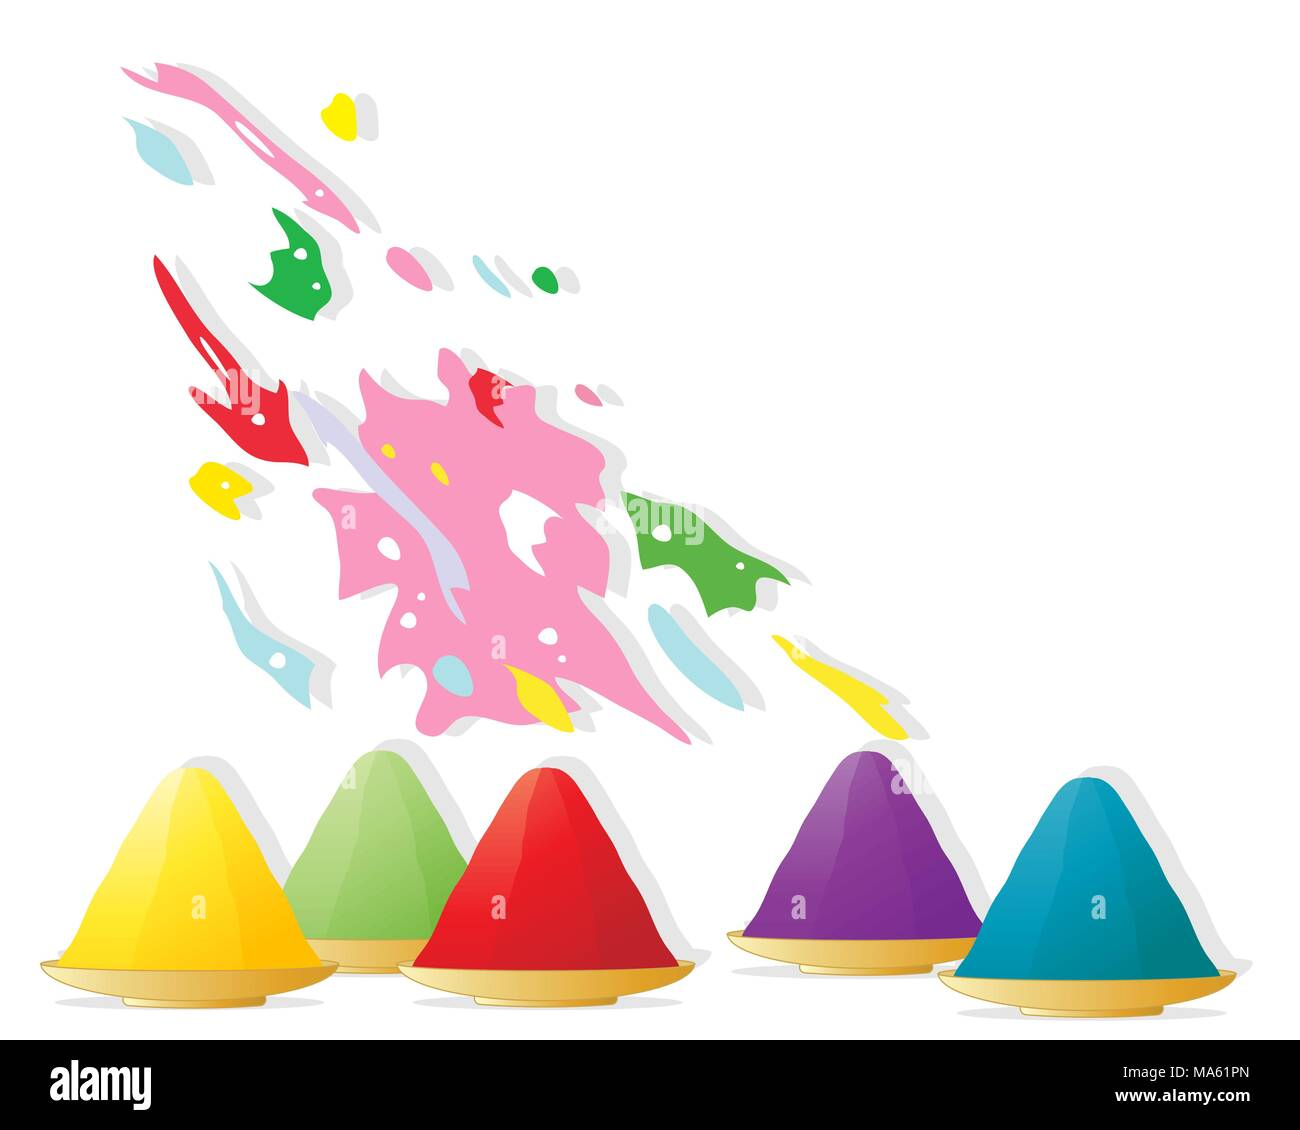 Una illustrazione vettoriale in formato eps formato 10 di ciotole di bright vernice in polvere e gli spruzzi di vernice per celebrare il festival indù di Holi Immagini Stock